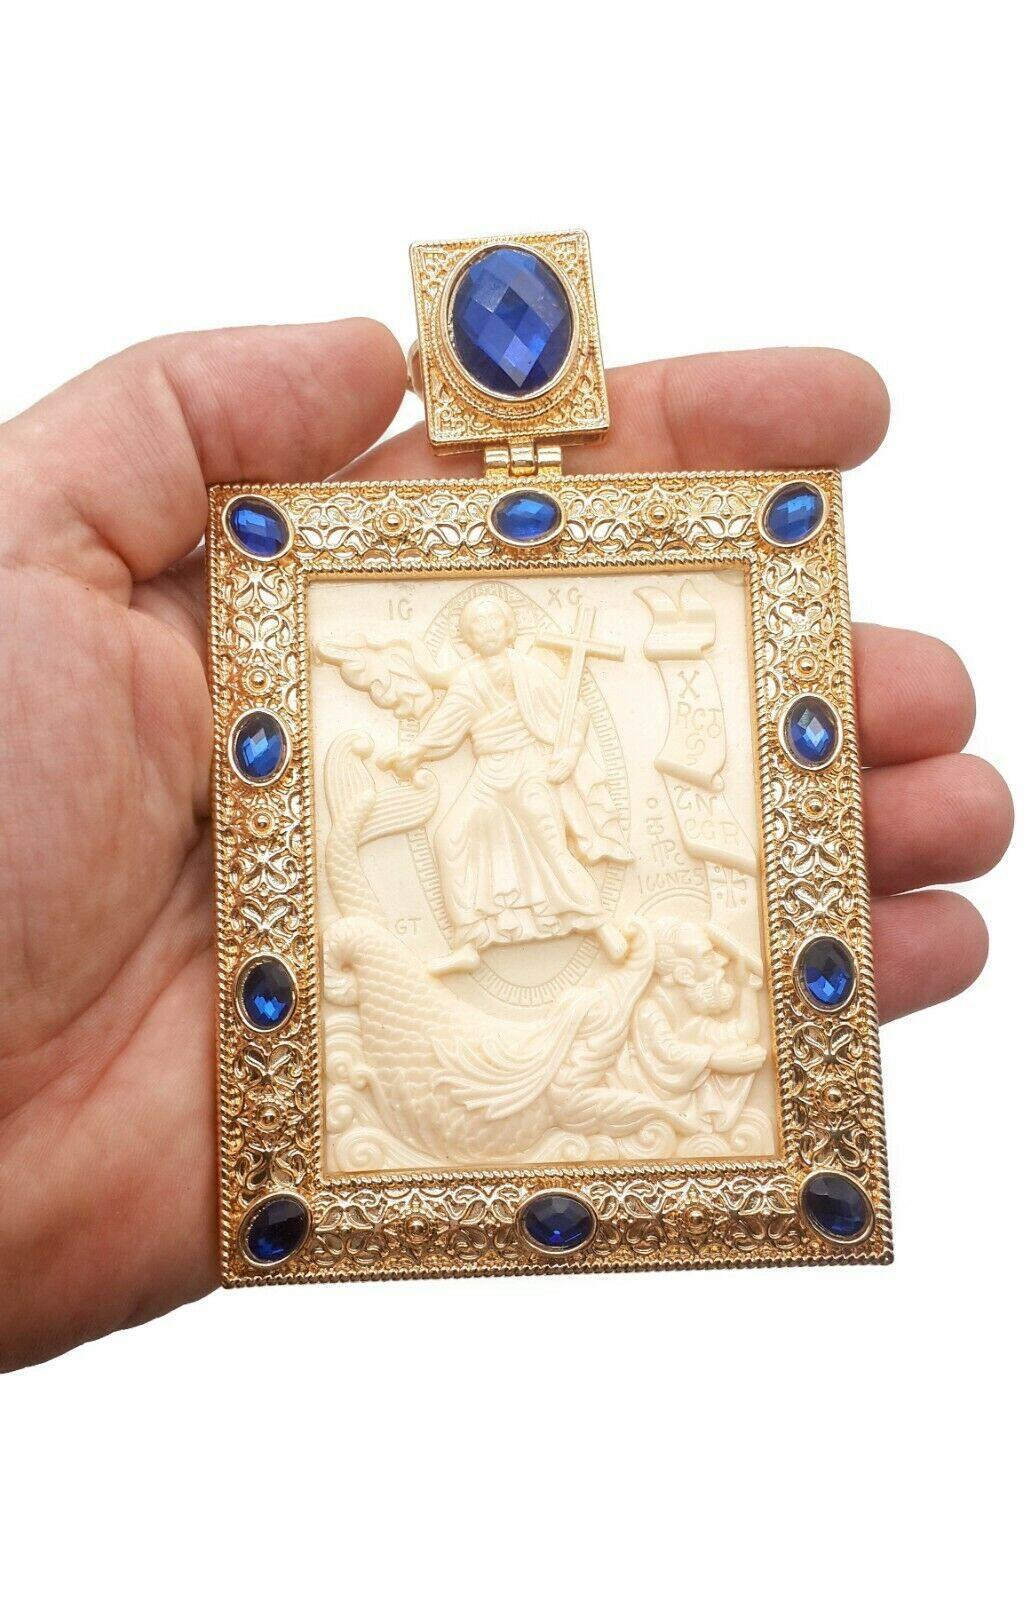 How Do Catholic Items Provide Us Divine Guidance?